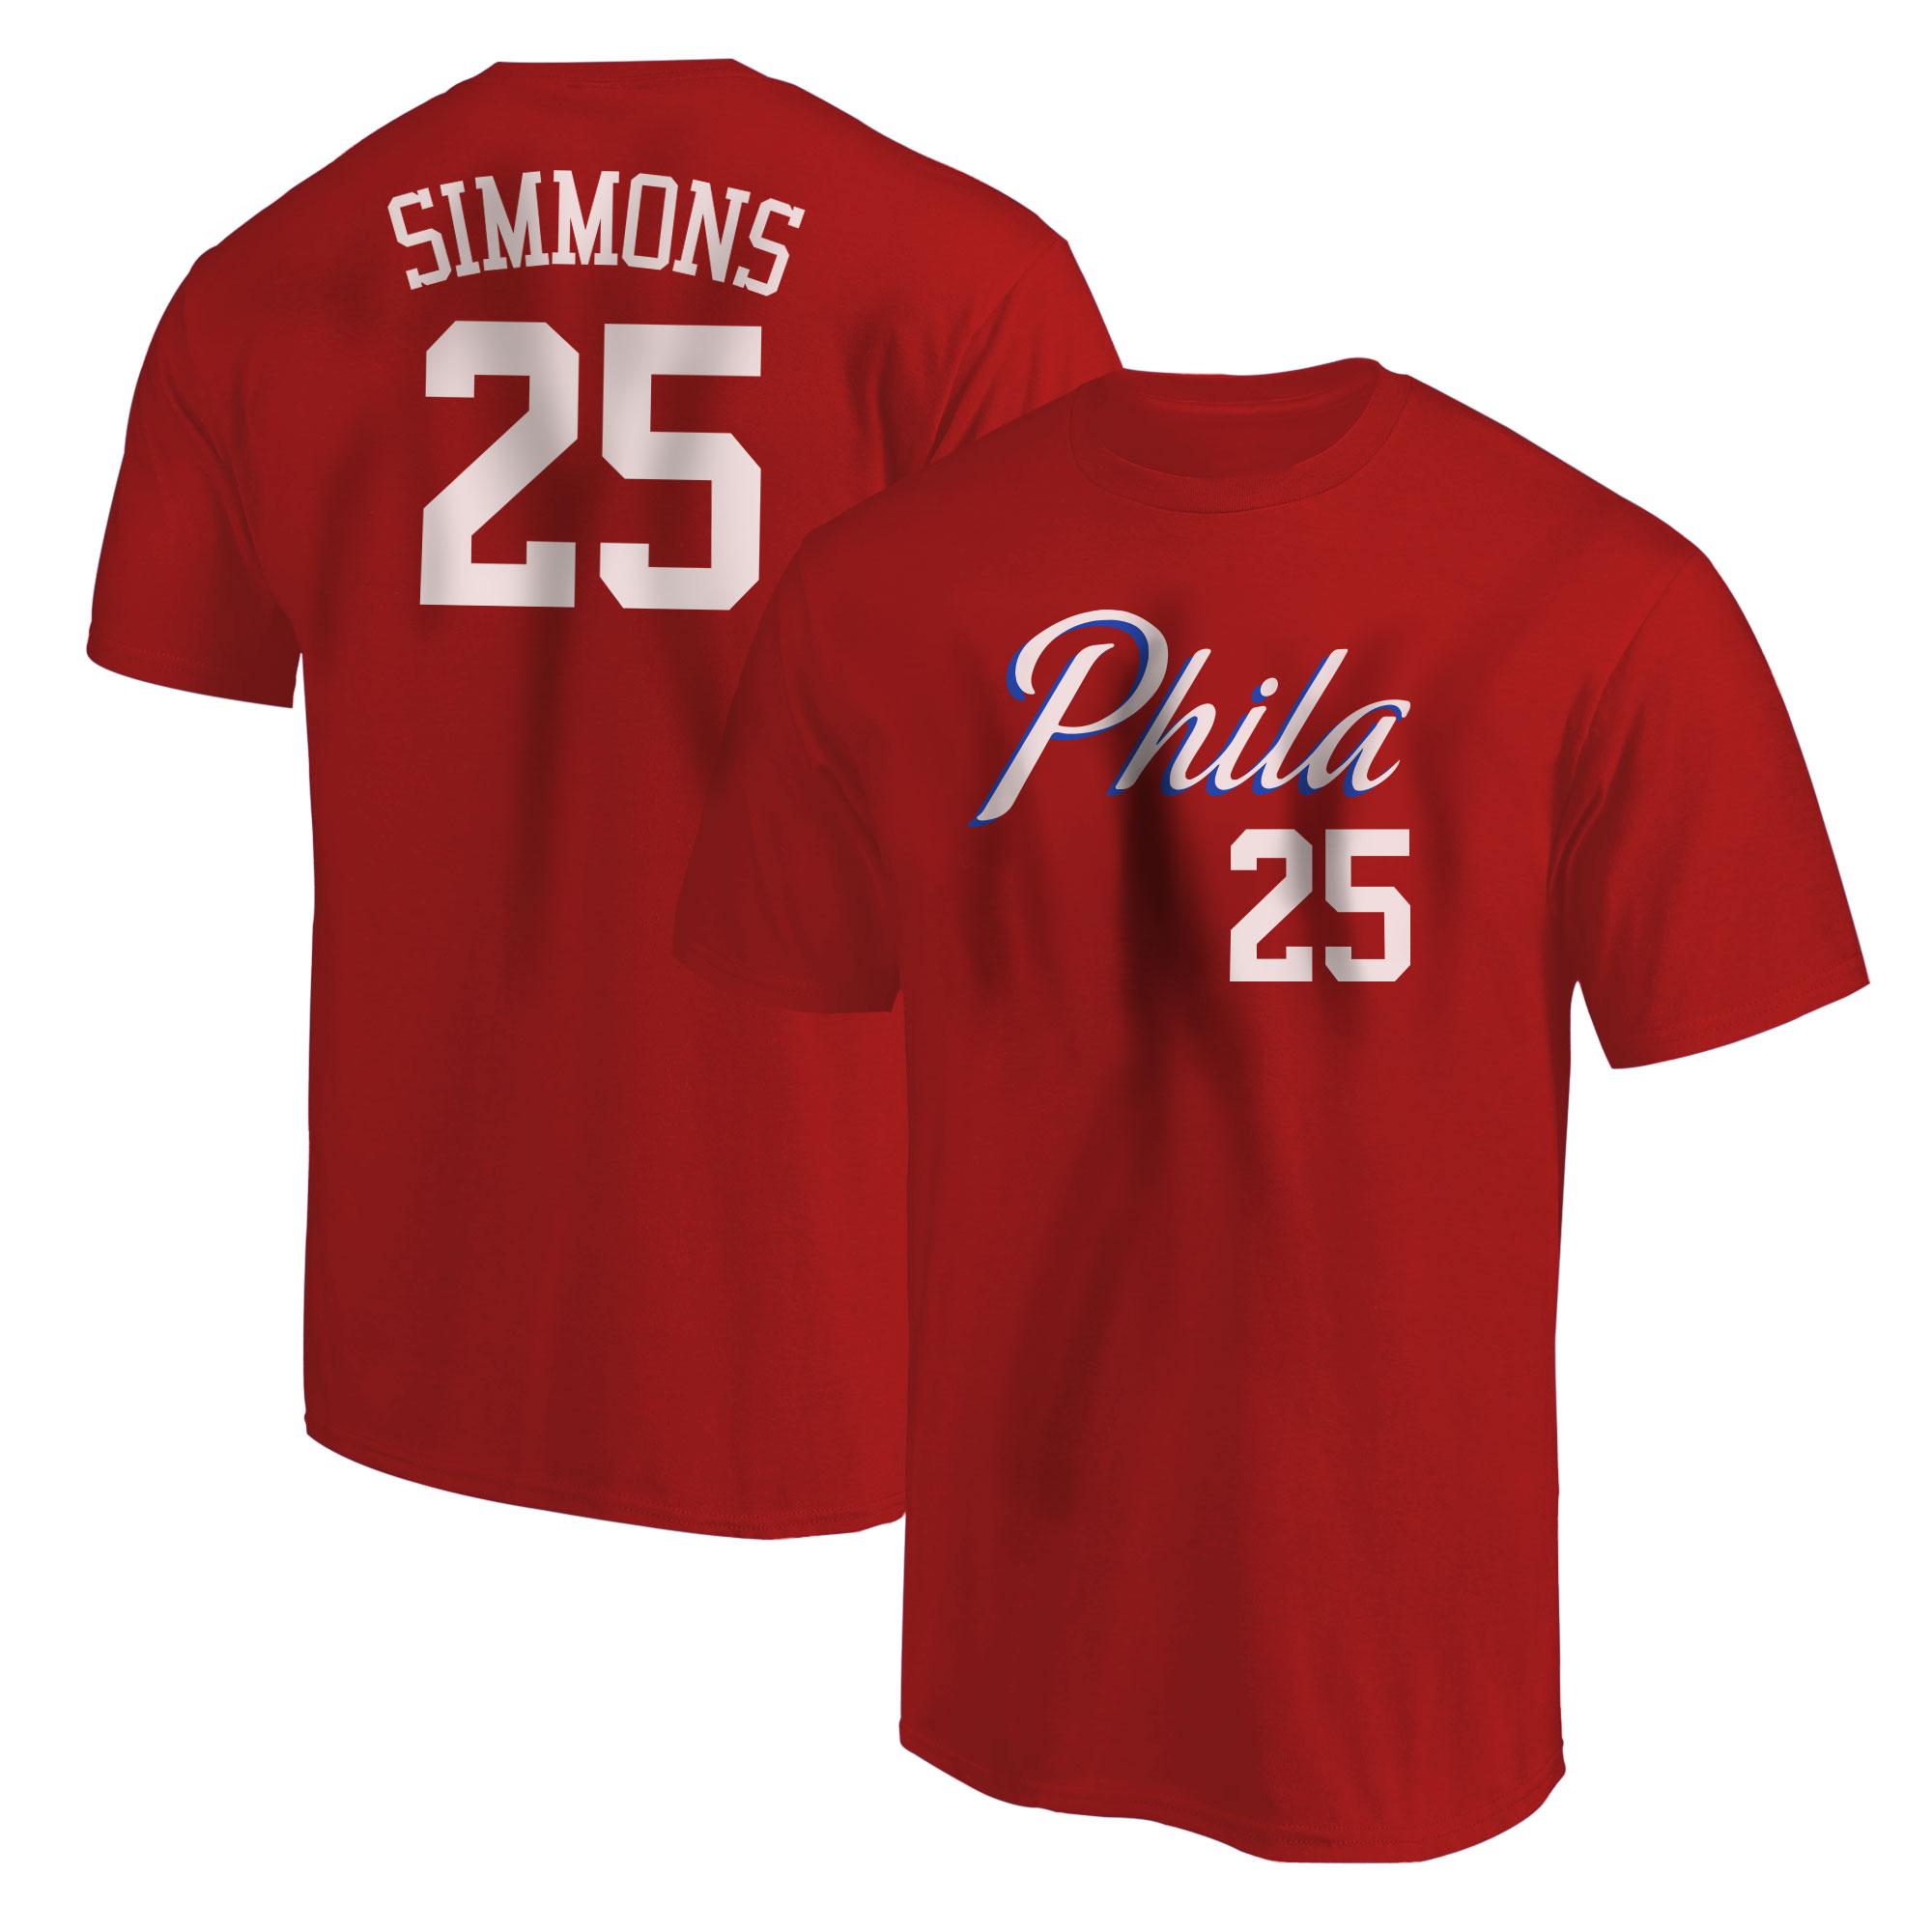 Philadelphia 76ers Ben Simmons  Tshirt (TSH-RED-NP-504-25)